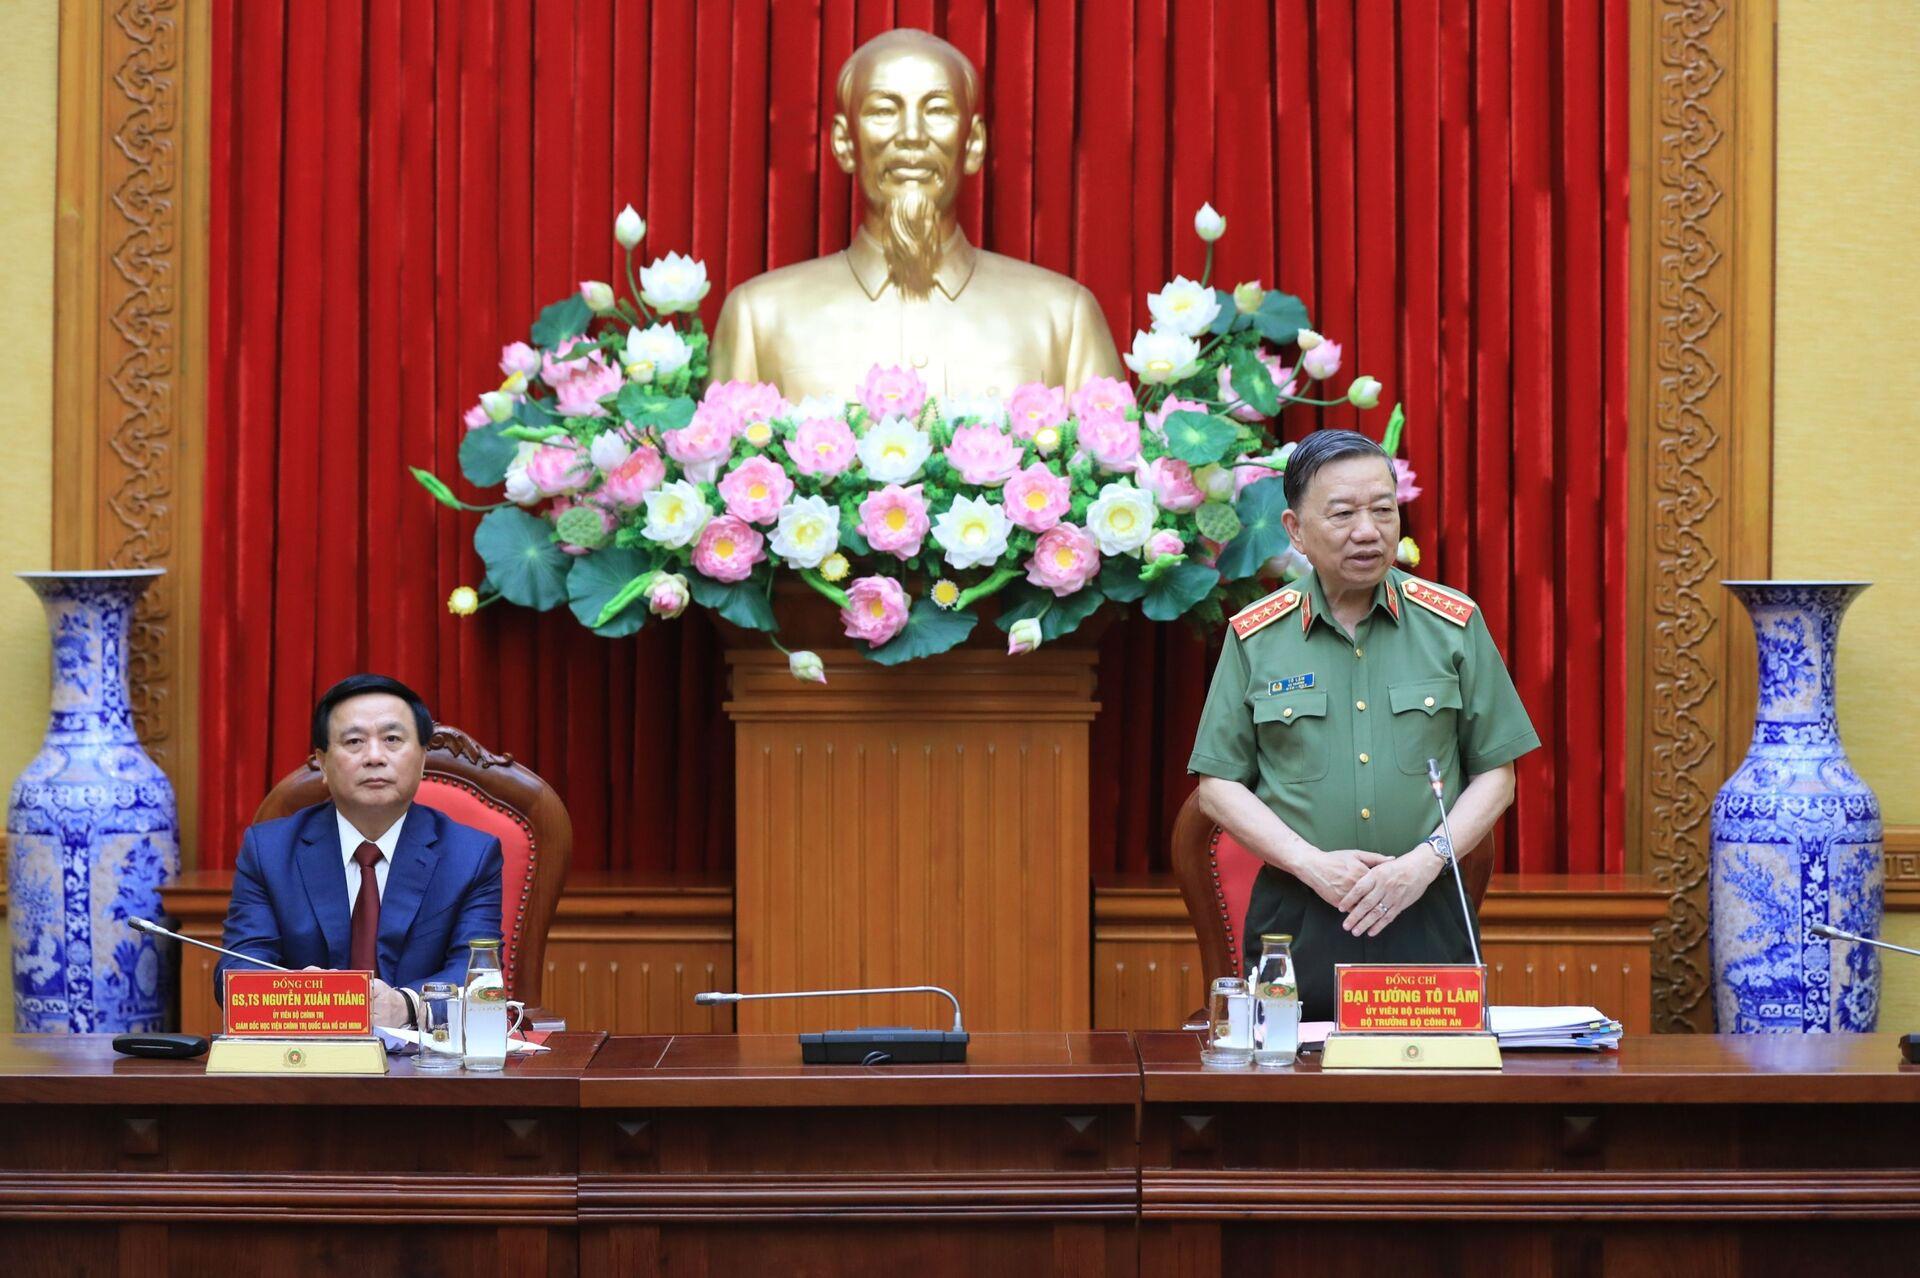 Việt Nam sẽ giao quyền đào tạo Cao cấp lý luận chính trị cho Bộ Quốc phòng, Bộ Công an? - Sputnik Việt Nam, 1920, 15.04.2021